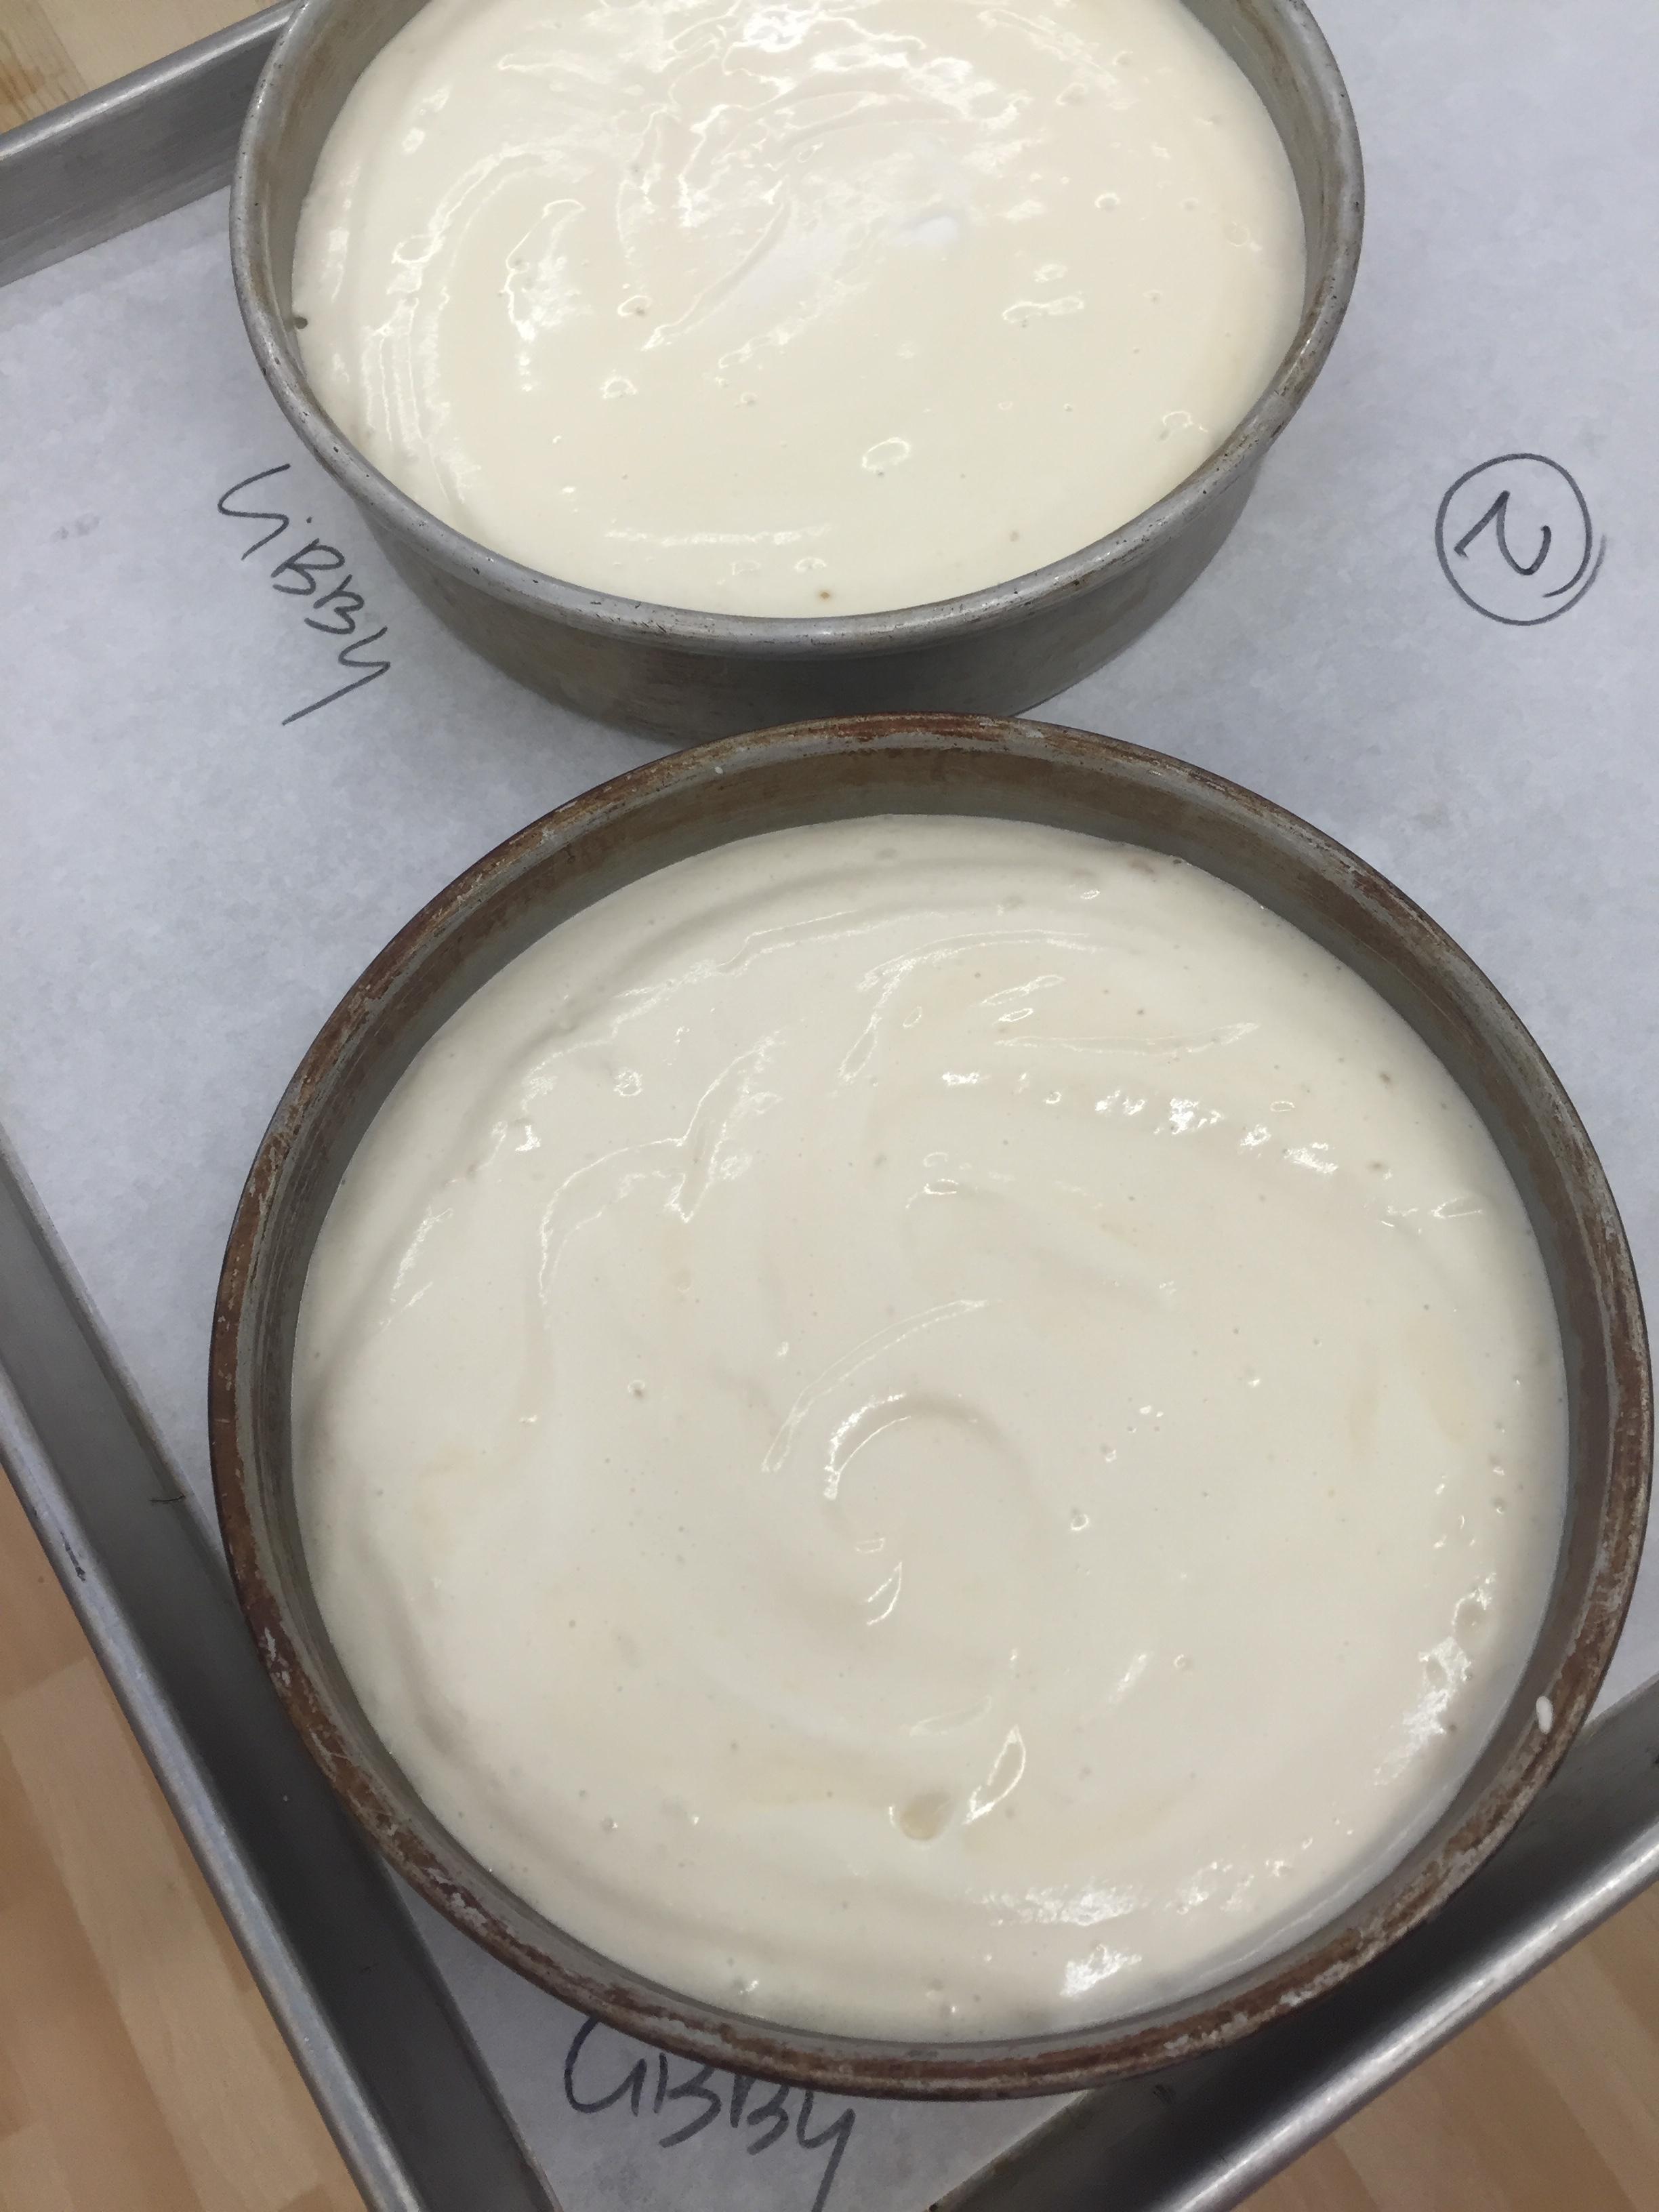 Chiffon cakes ready to bake!